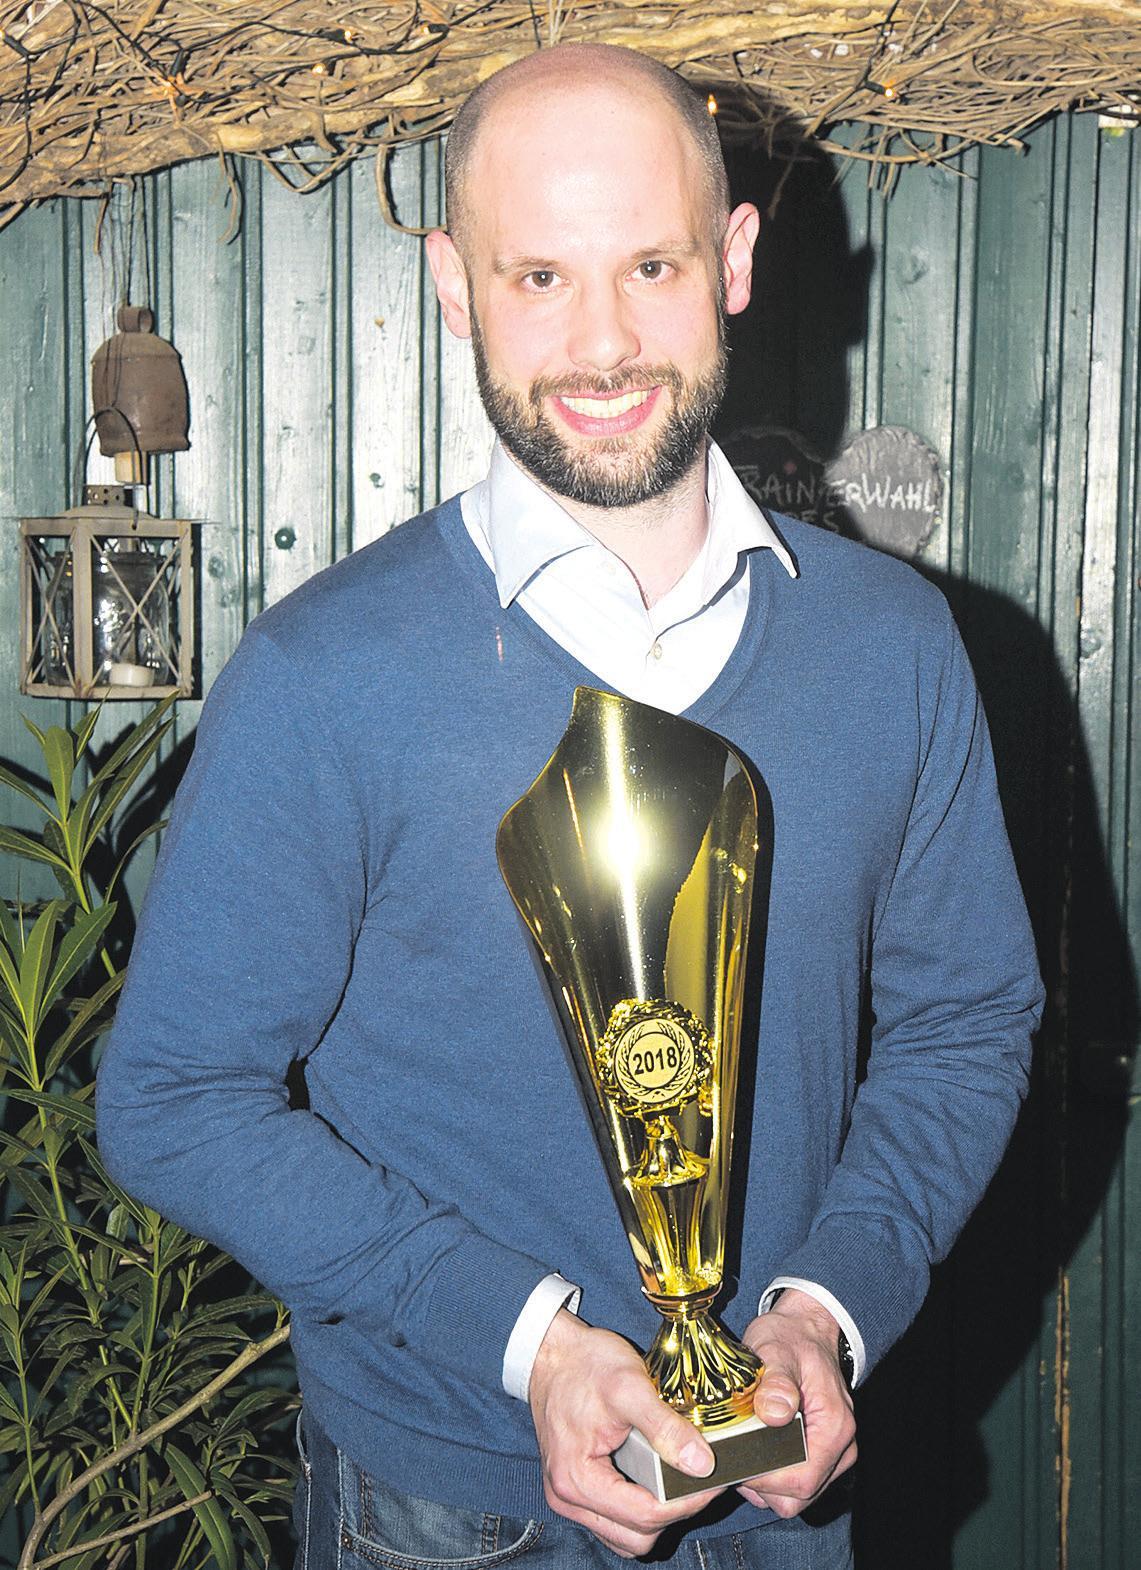 Der diesjährige Trainer des Jahres: Björn Lippa von TuS Bergen/ LG Celle-Land. Foto: Bodo Theel